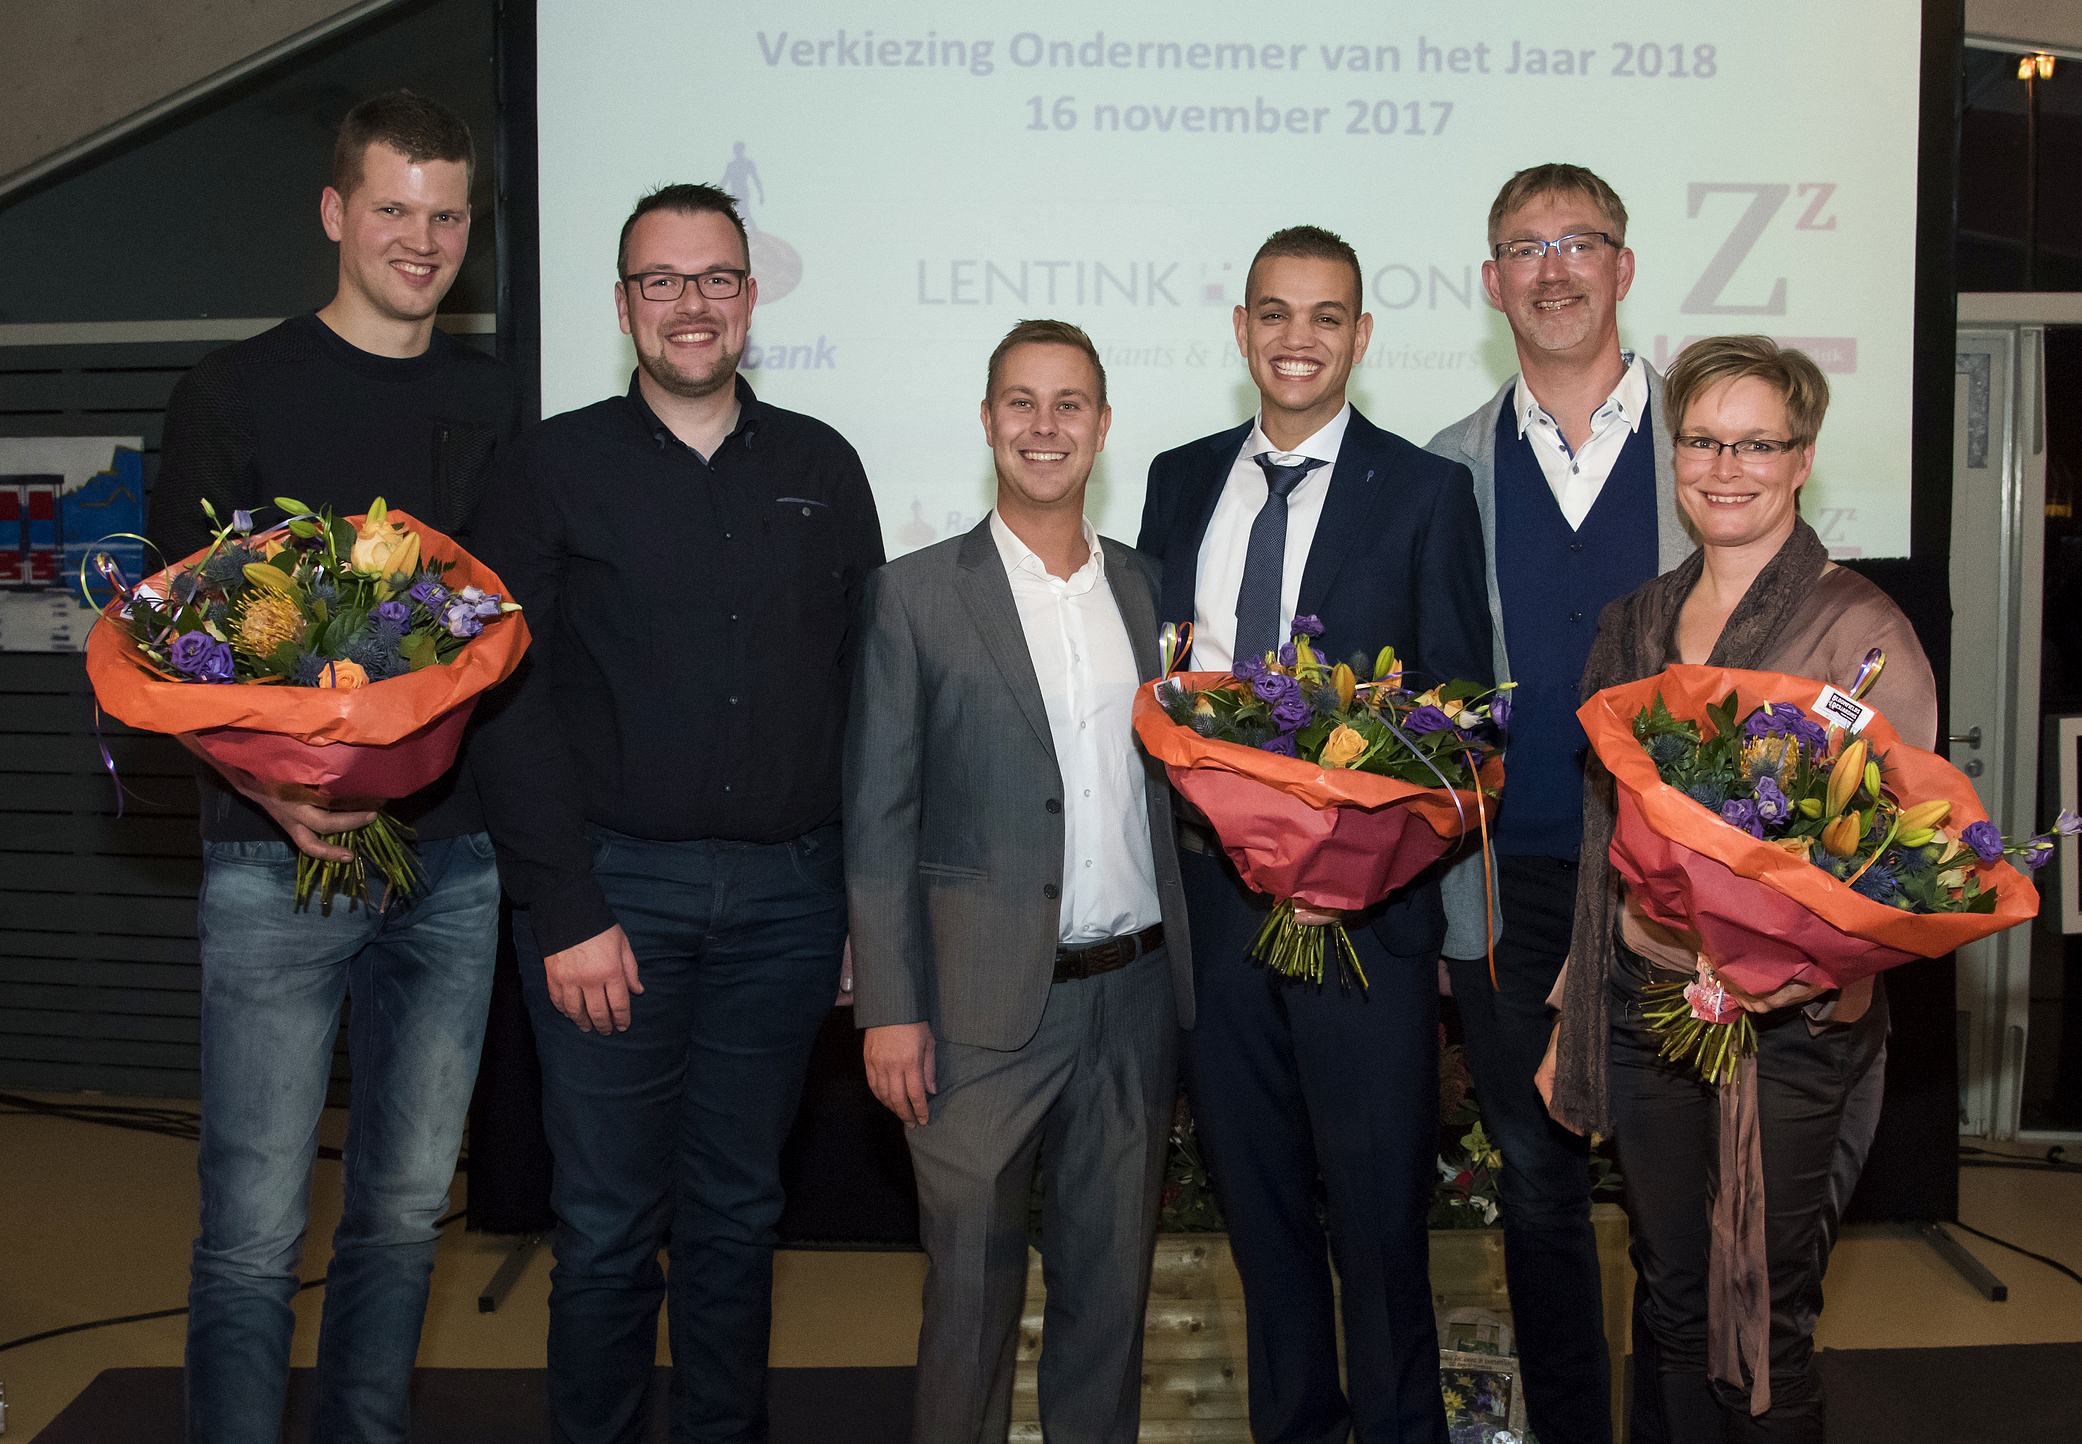 Verkiezing Ondernemer van het Jaar 2018 van start